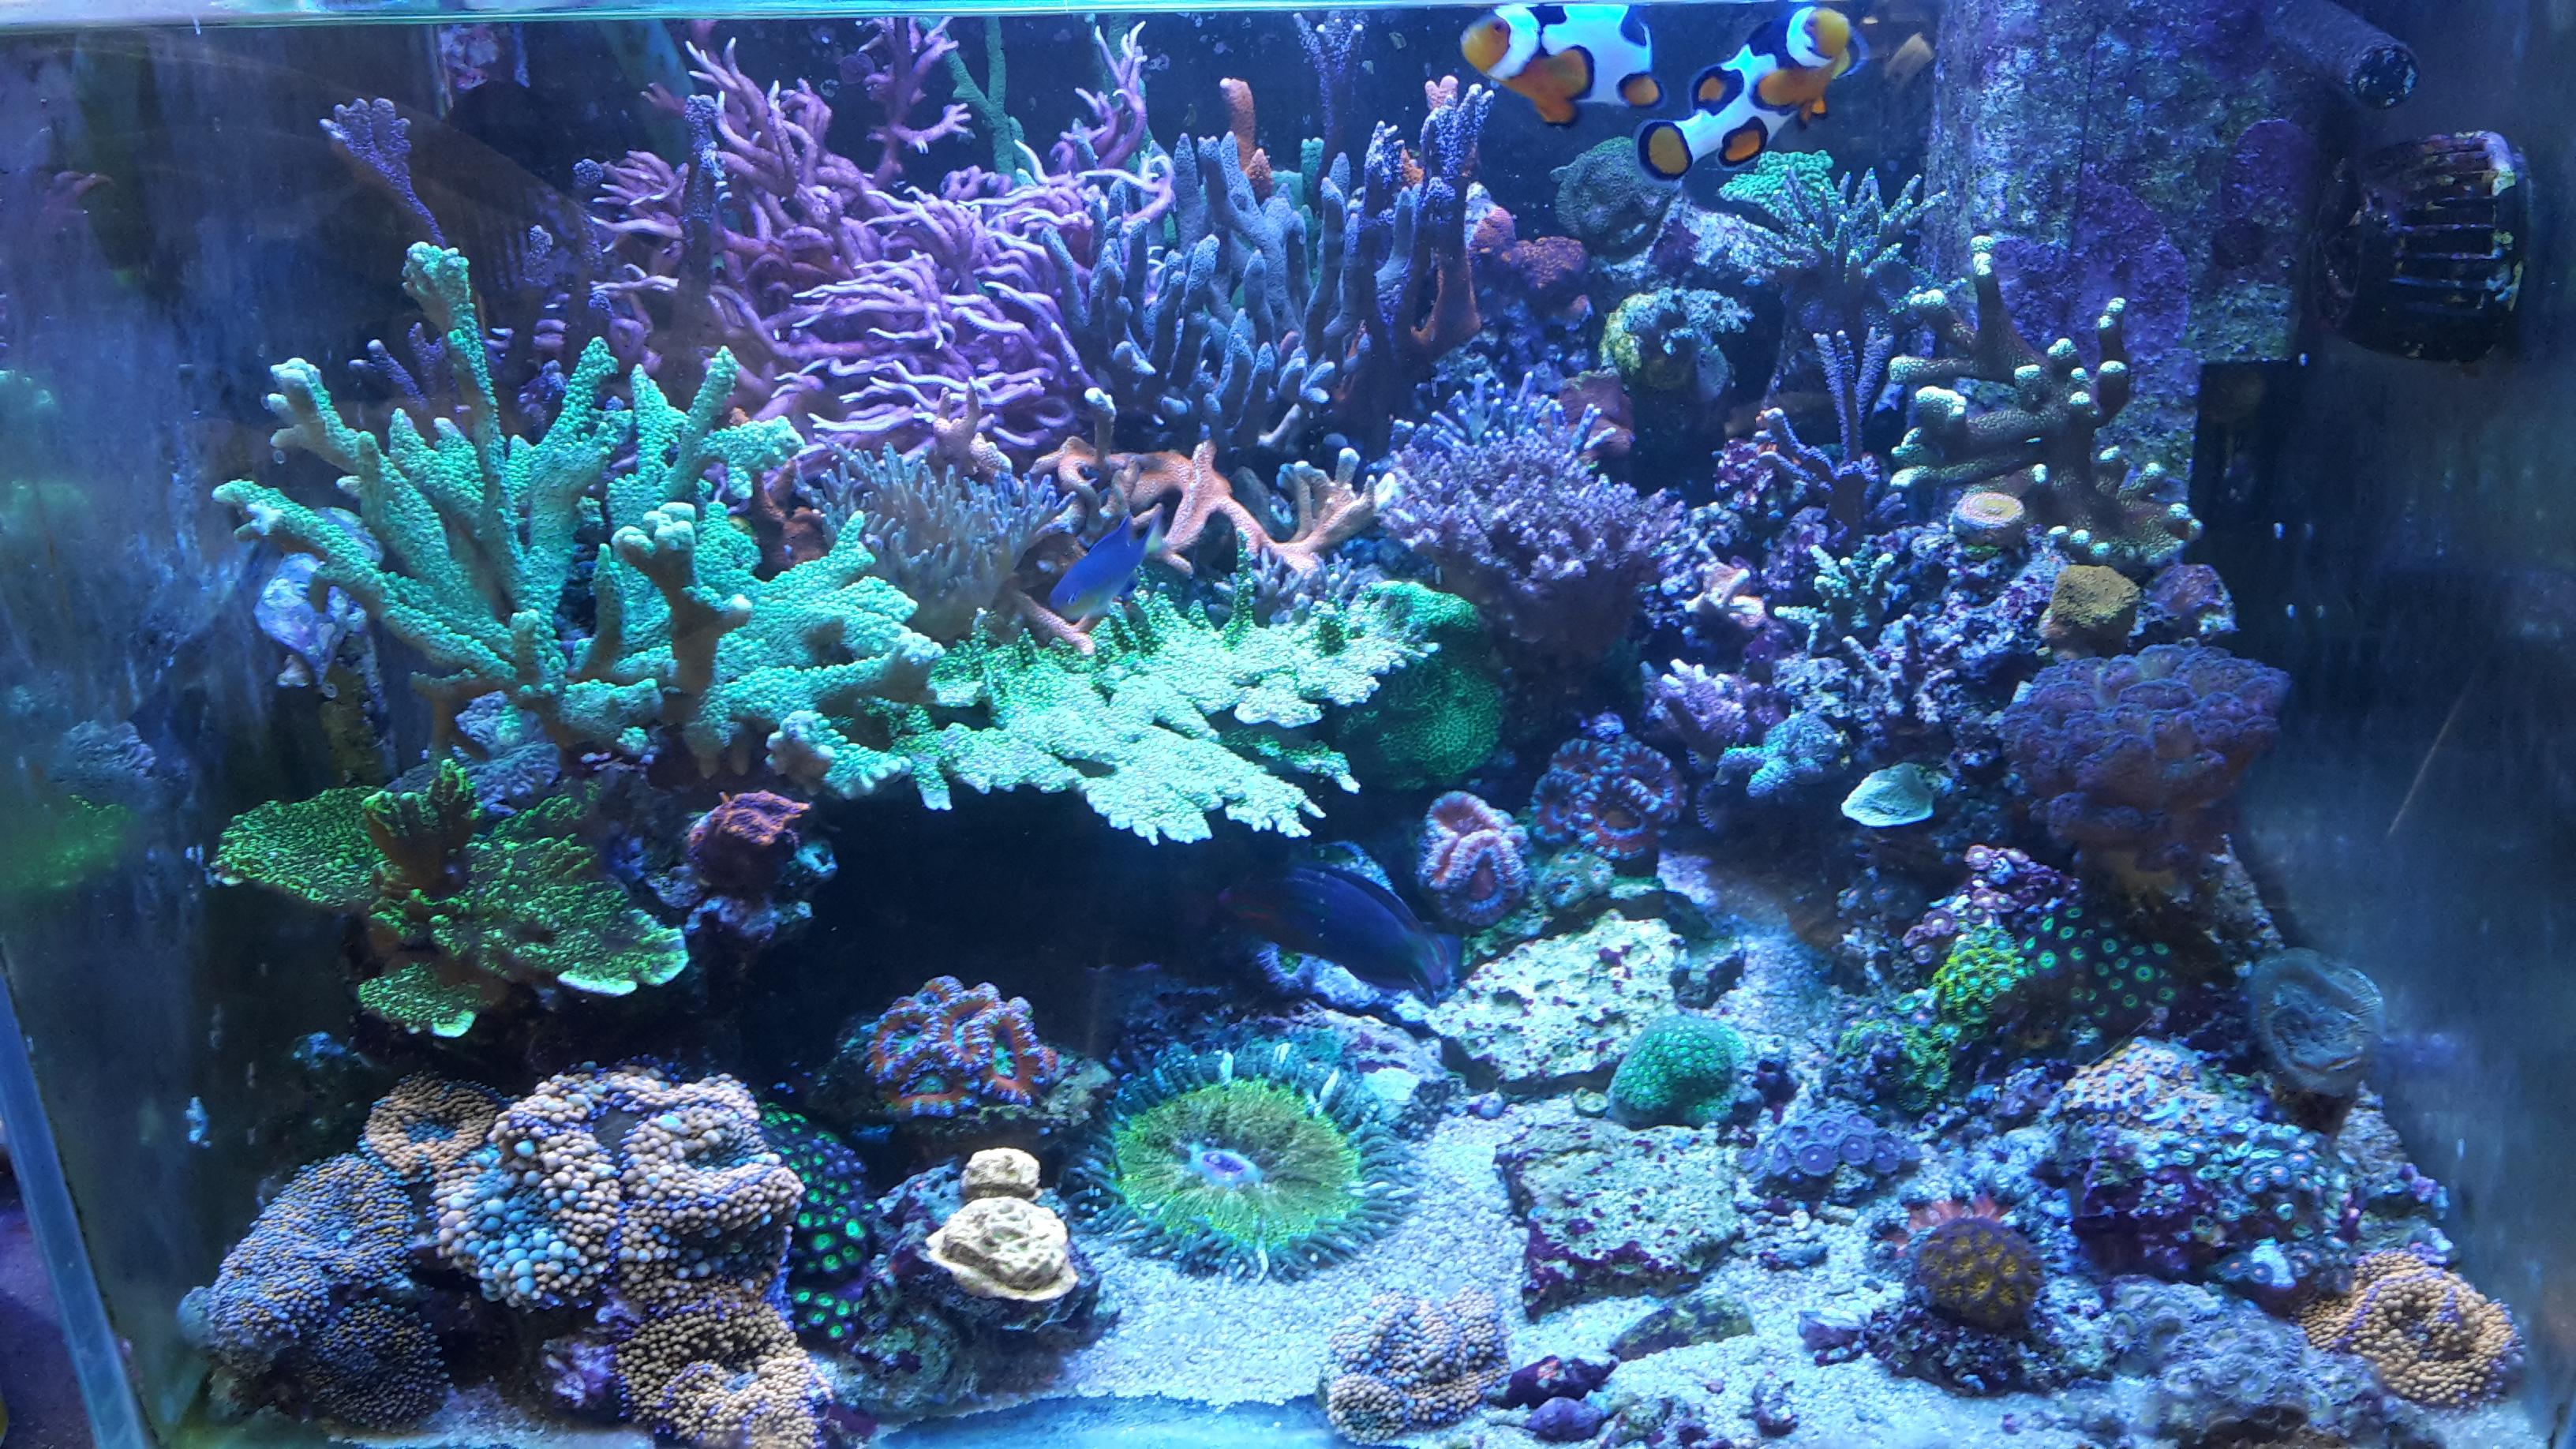 sps lps marine saltwater